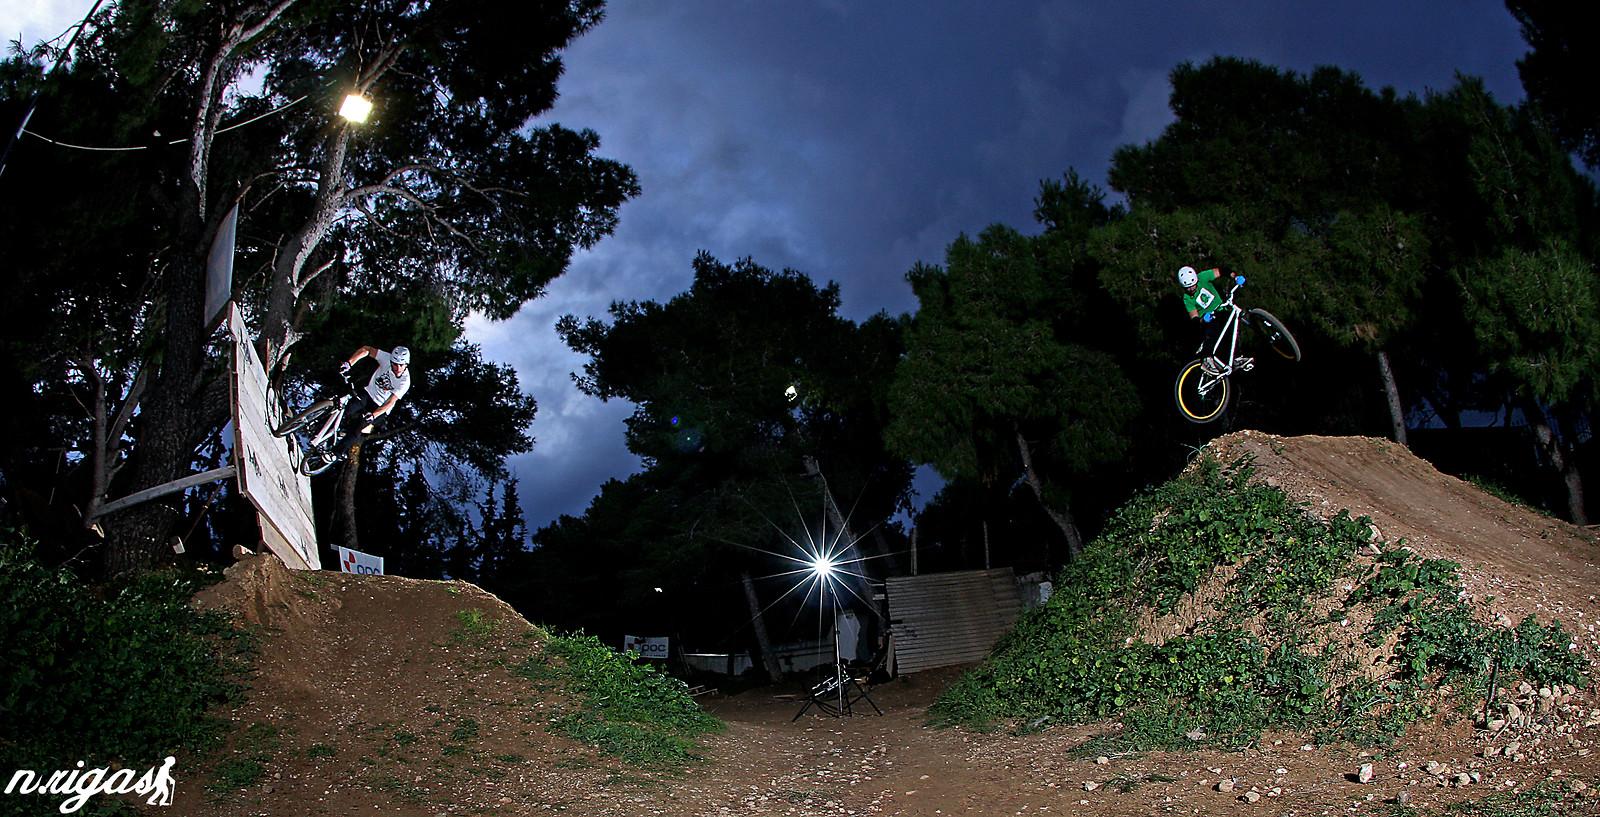 Korf- K.os - pappoulakos - Mountain Biking Pictures - Vital MTB